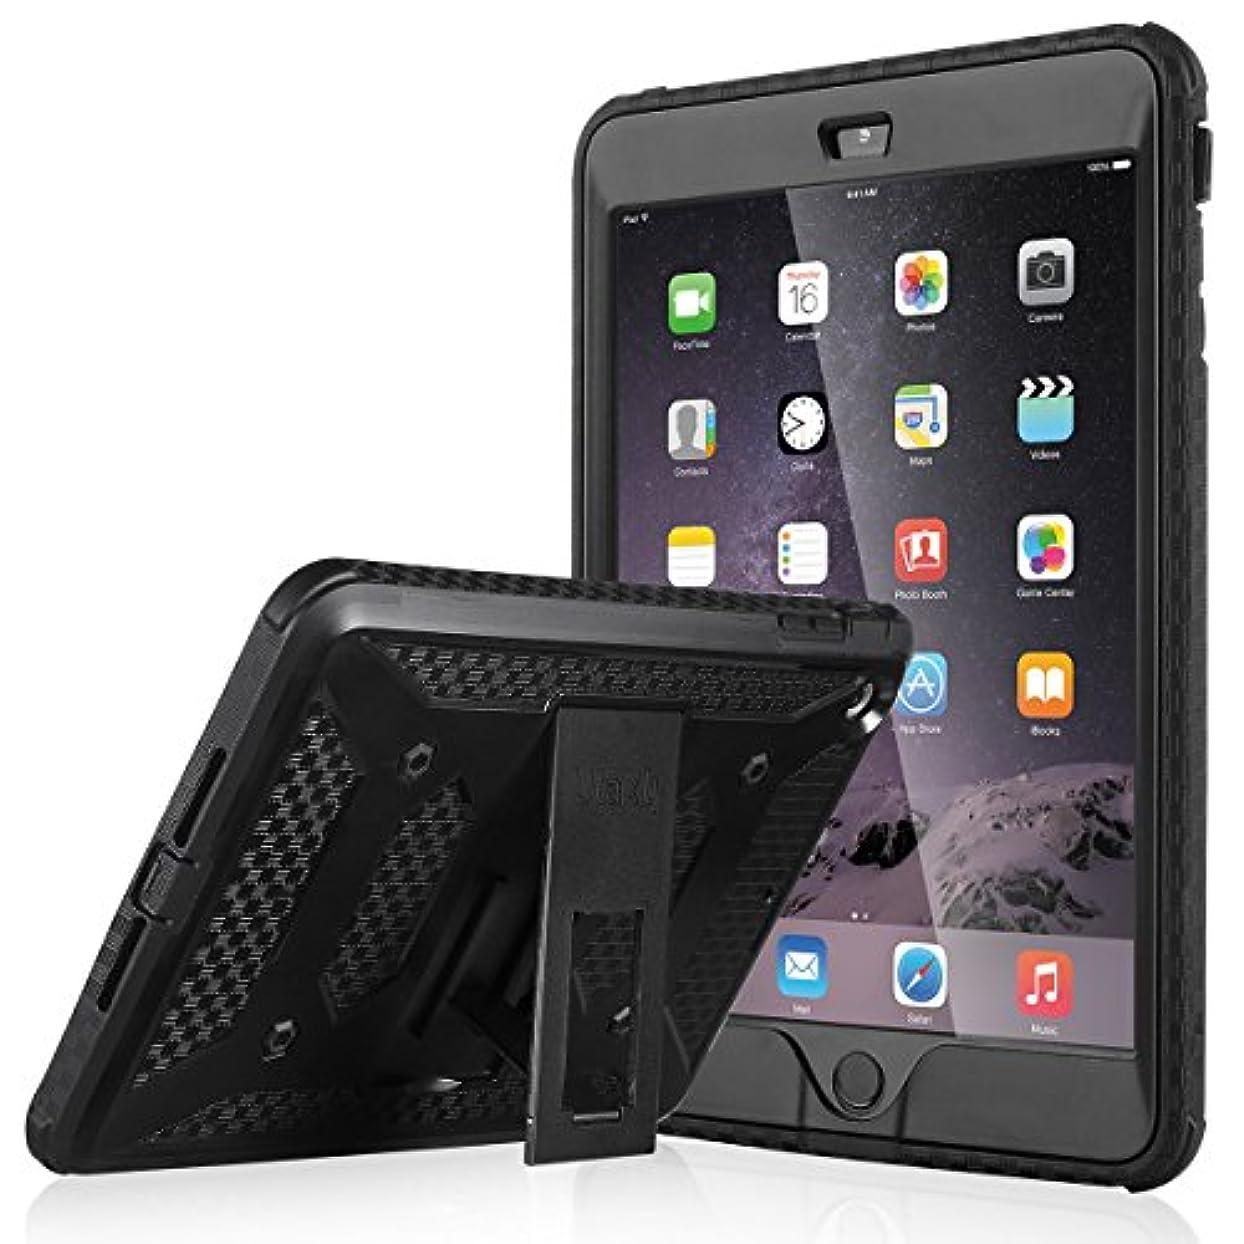 ダウン市区町村無駄だiPad Mini ケース iPad Mini2 ケース ULAK [ノックス アーマー シリーズ] iPad Mini 3ケース 二層構造 衝撃吸収 耐衝撃性 背面スタンド機能 Apple iPad Mini 1/2/3 専用 カバー (ブラック)